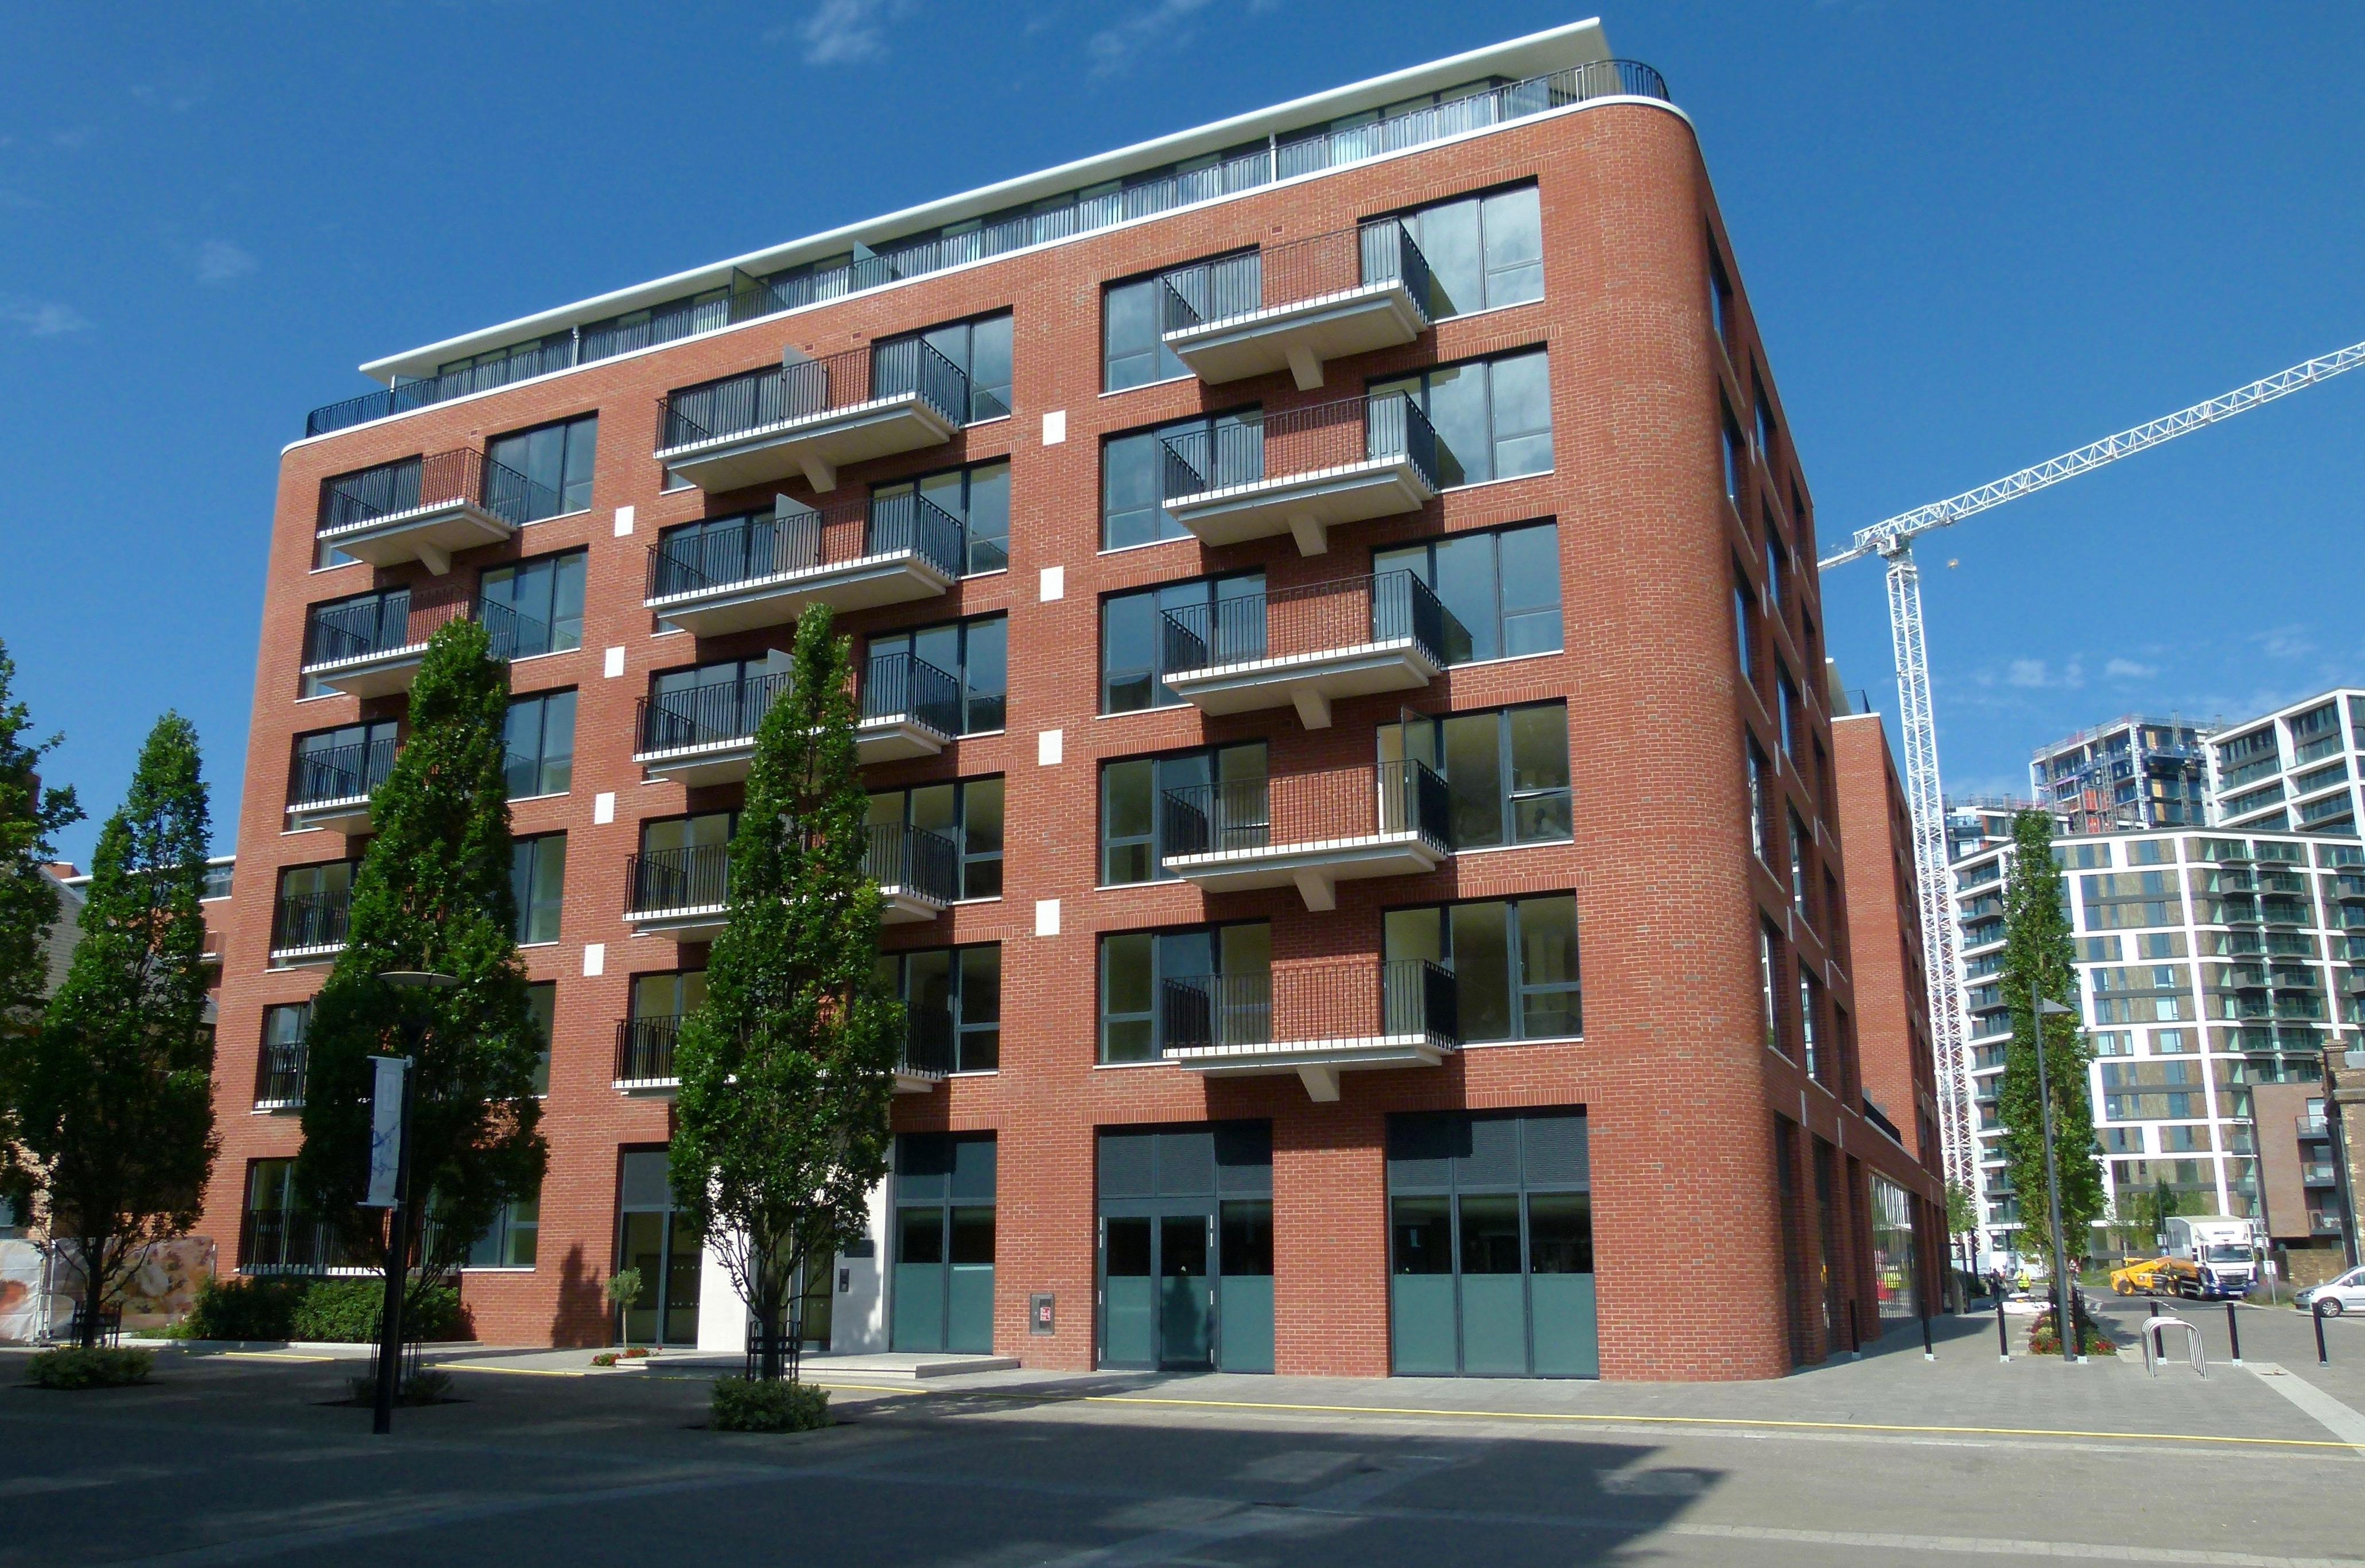 PTSG continues success at Royal Arsenal Residential